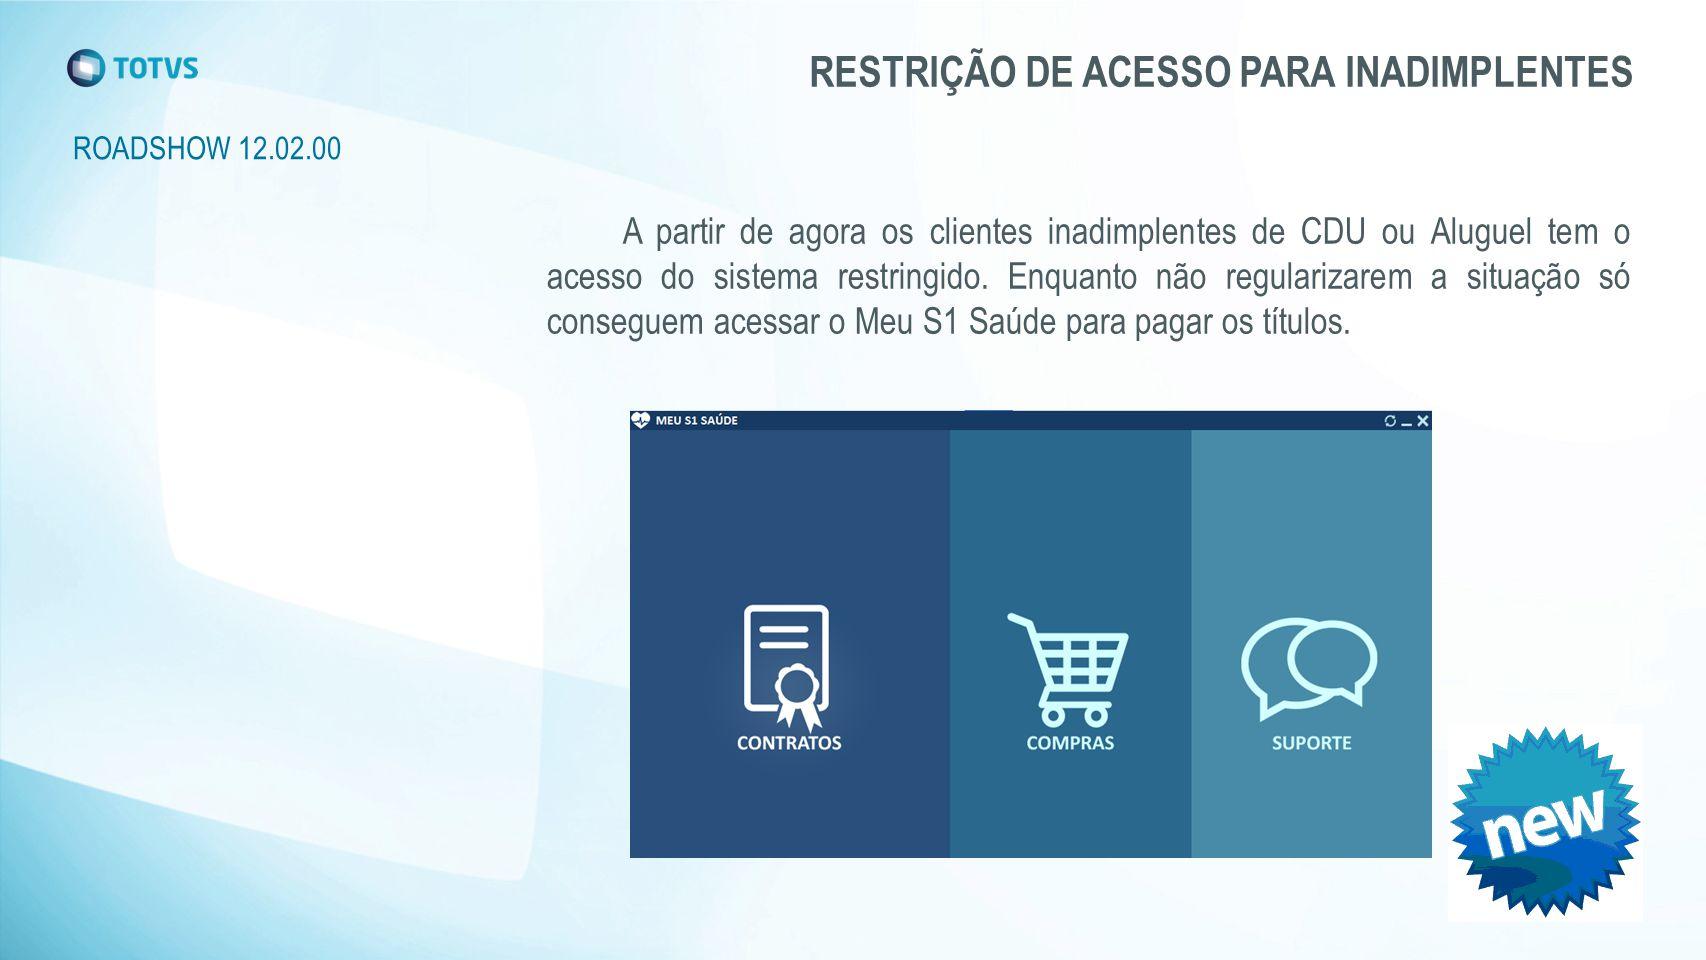 ROADSHOW 12.02.00 RESTRIÇÃO DE ACESSO PARA INADIMPLENTES A partir de agora os clientes inadimplentes de CDU ou Aluguel tem o acesso do sistema restringido.